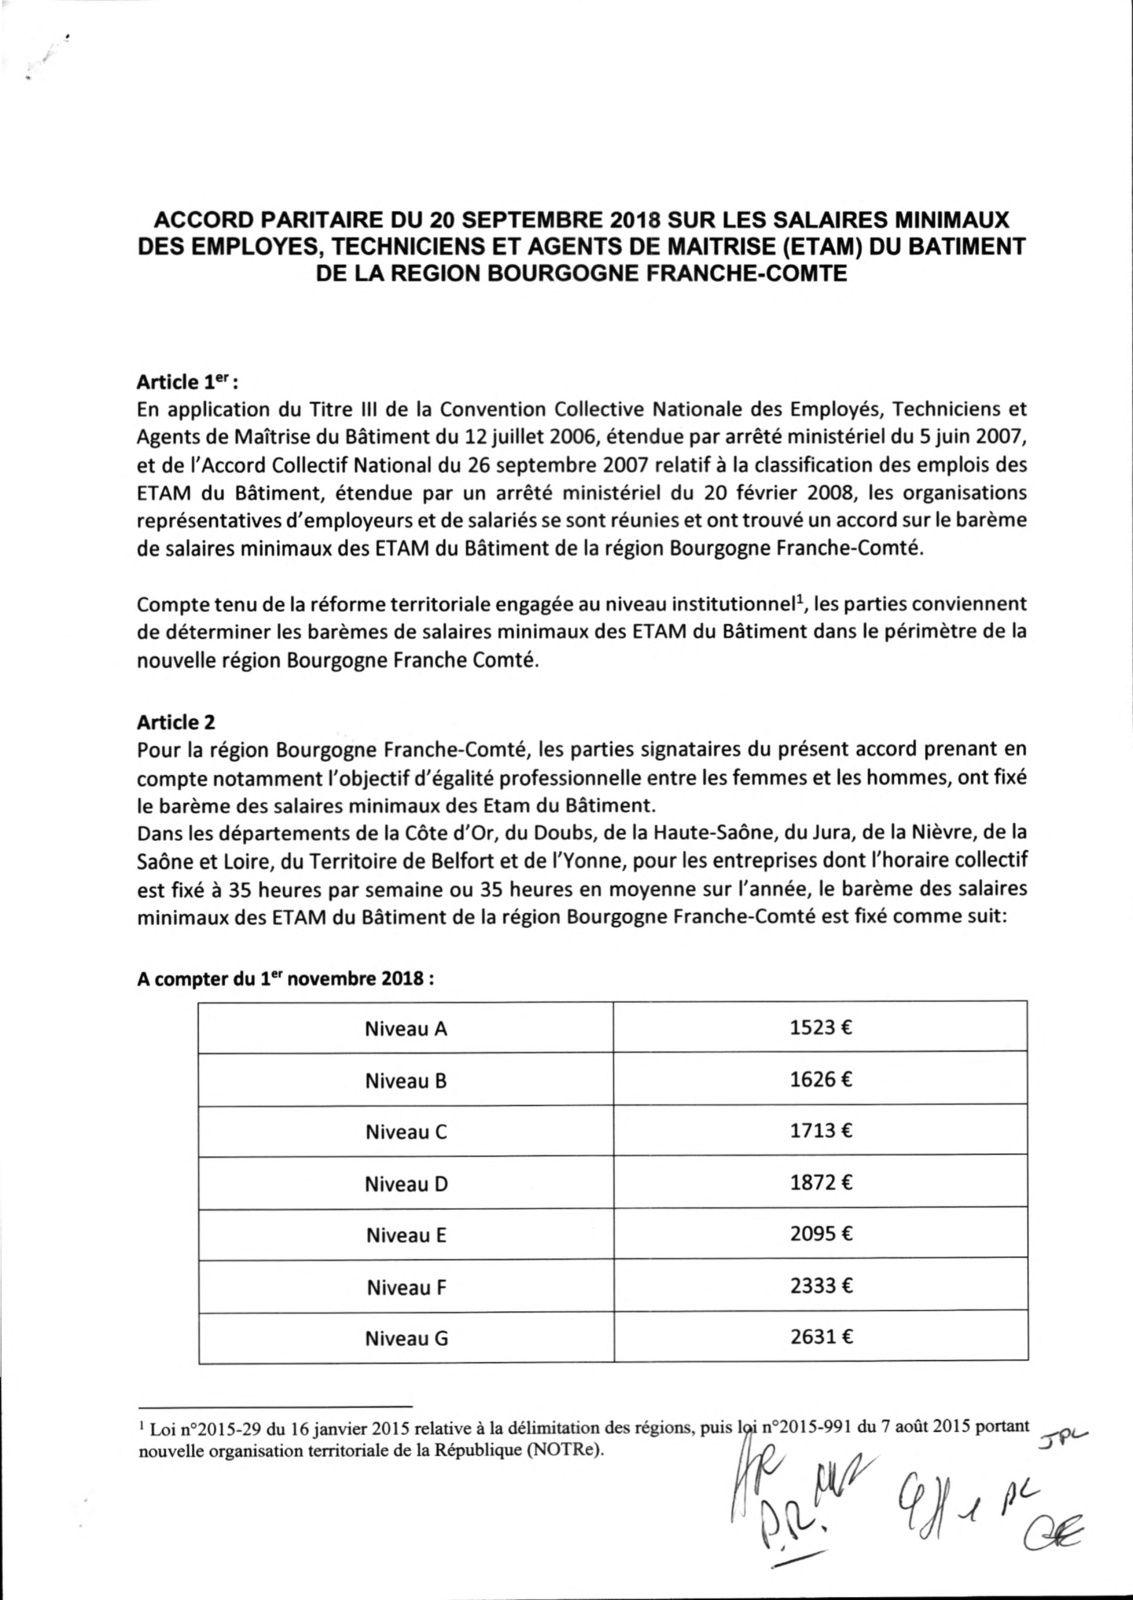 Les Salaires Des Etam De Bourgogne Franche Comte Cnc Batiment Cfdt